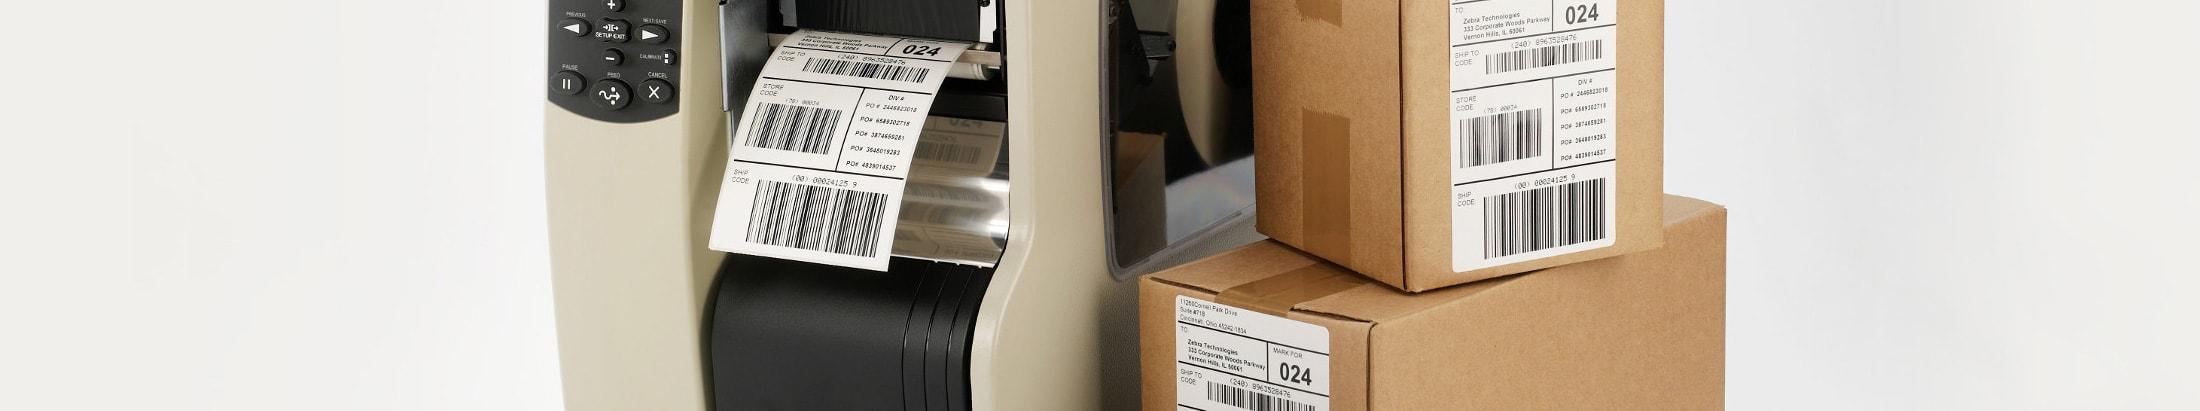 Printere til fragt- og forsendelse